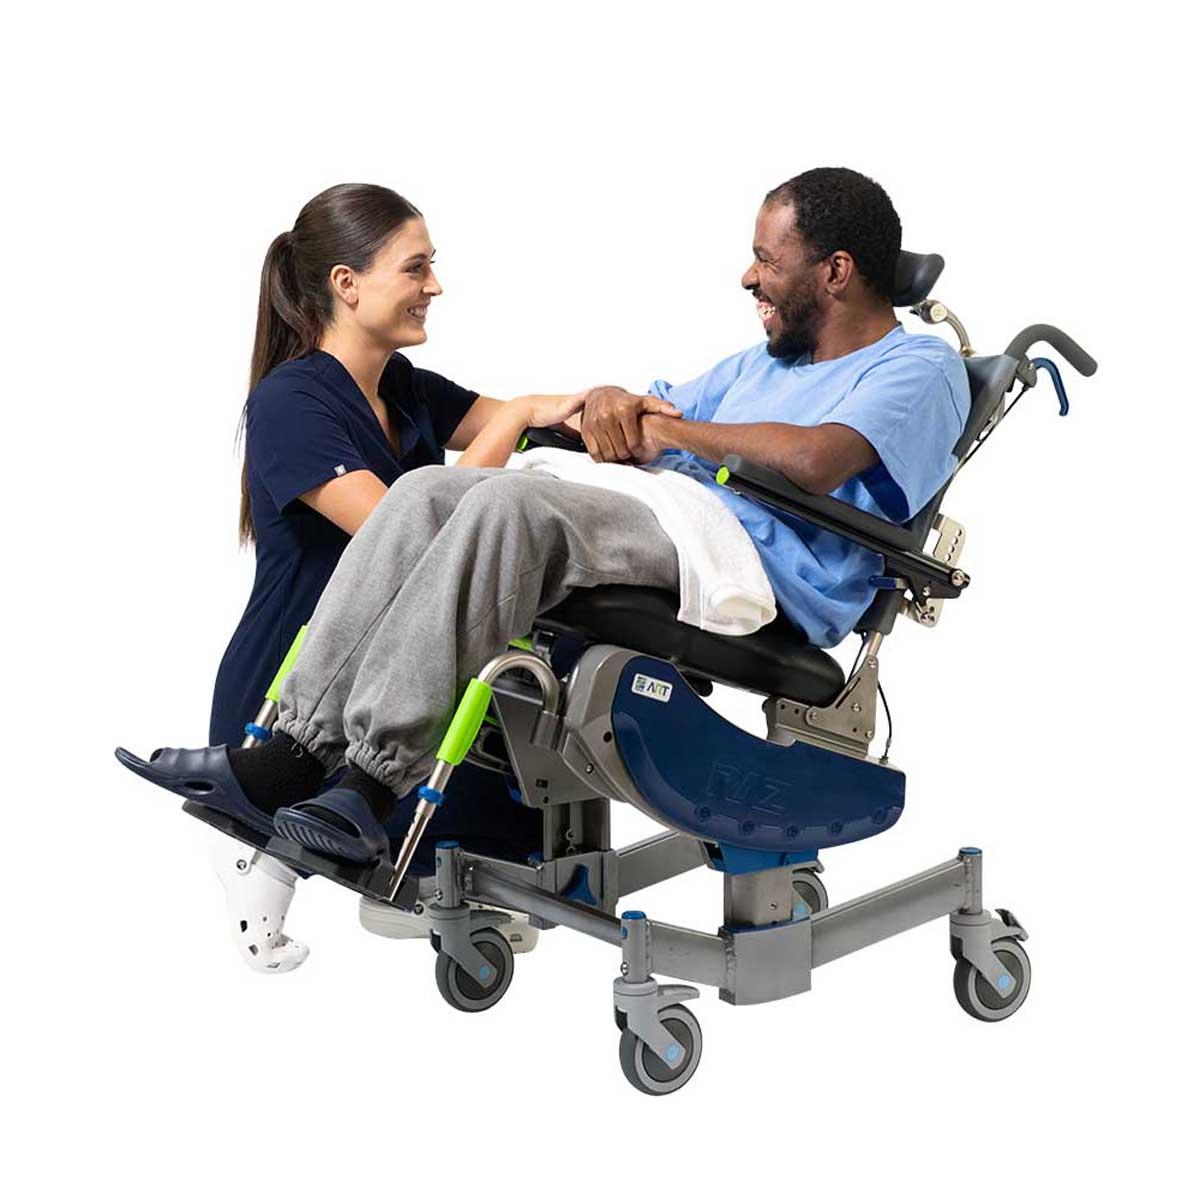 Raz Design Attendant Rotational Tilt Shower Commode Chair